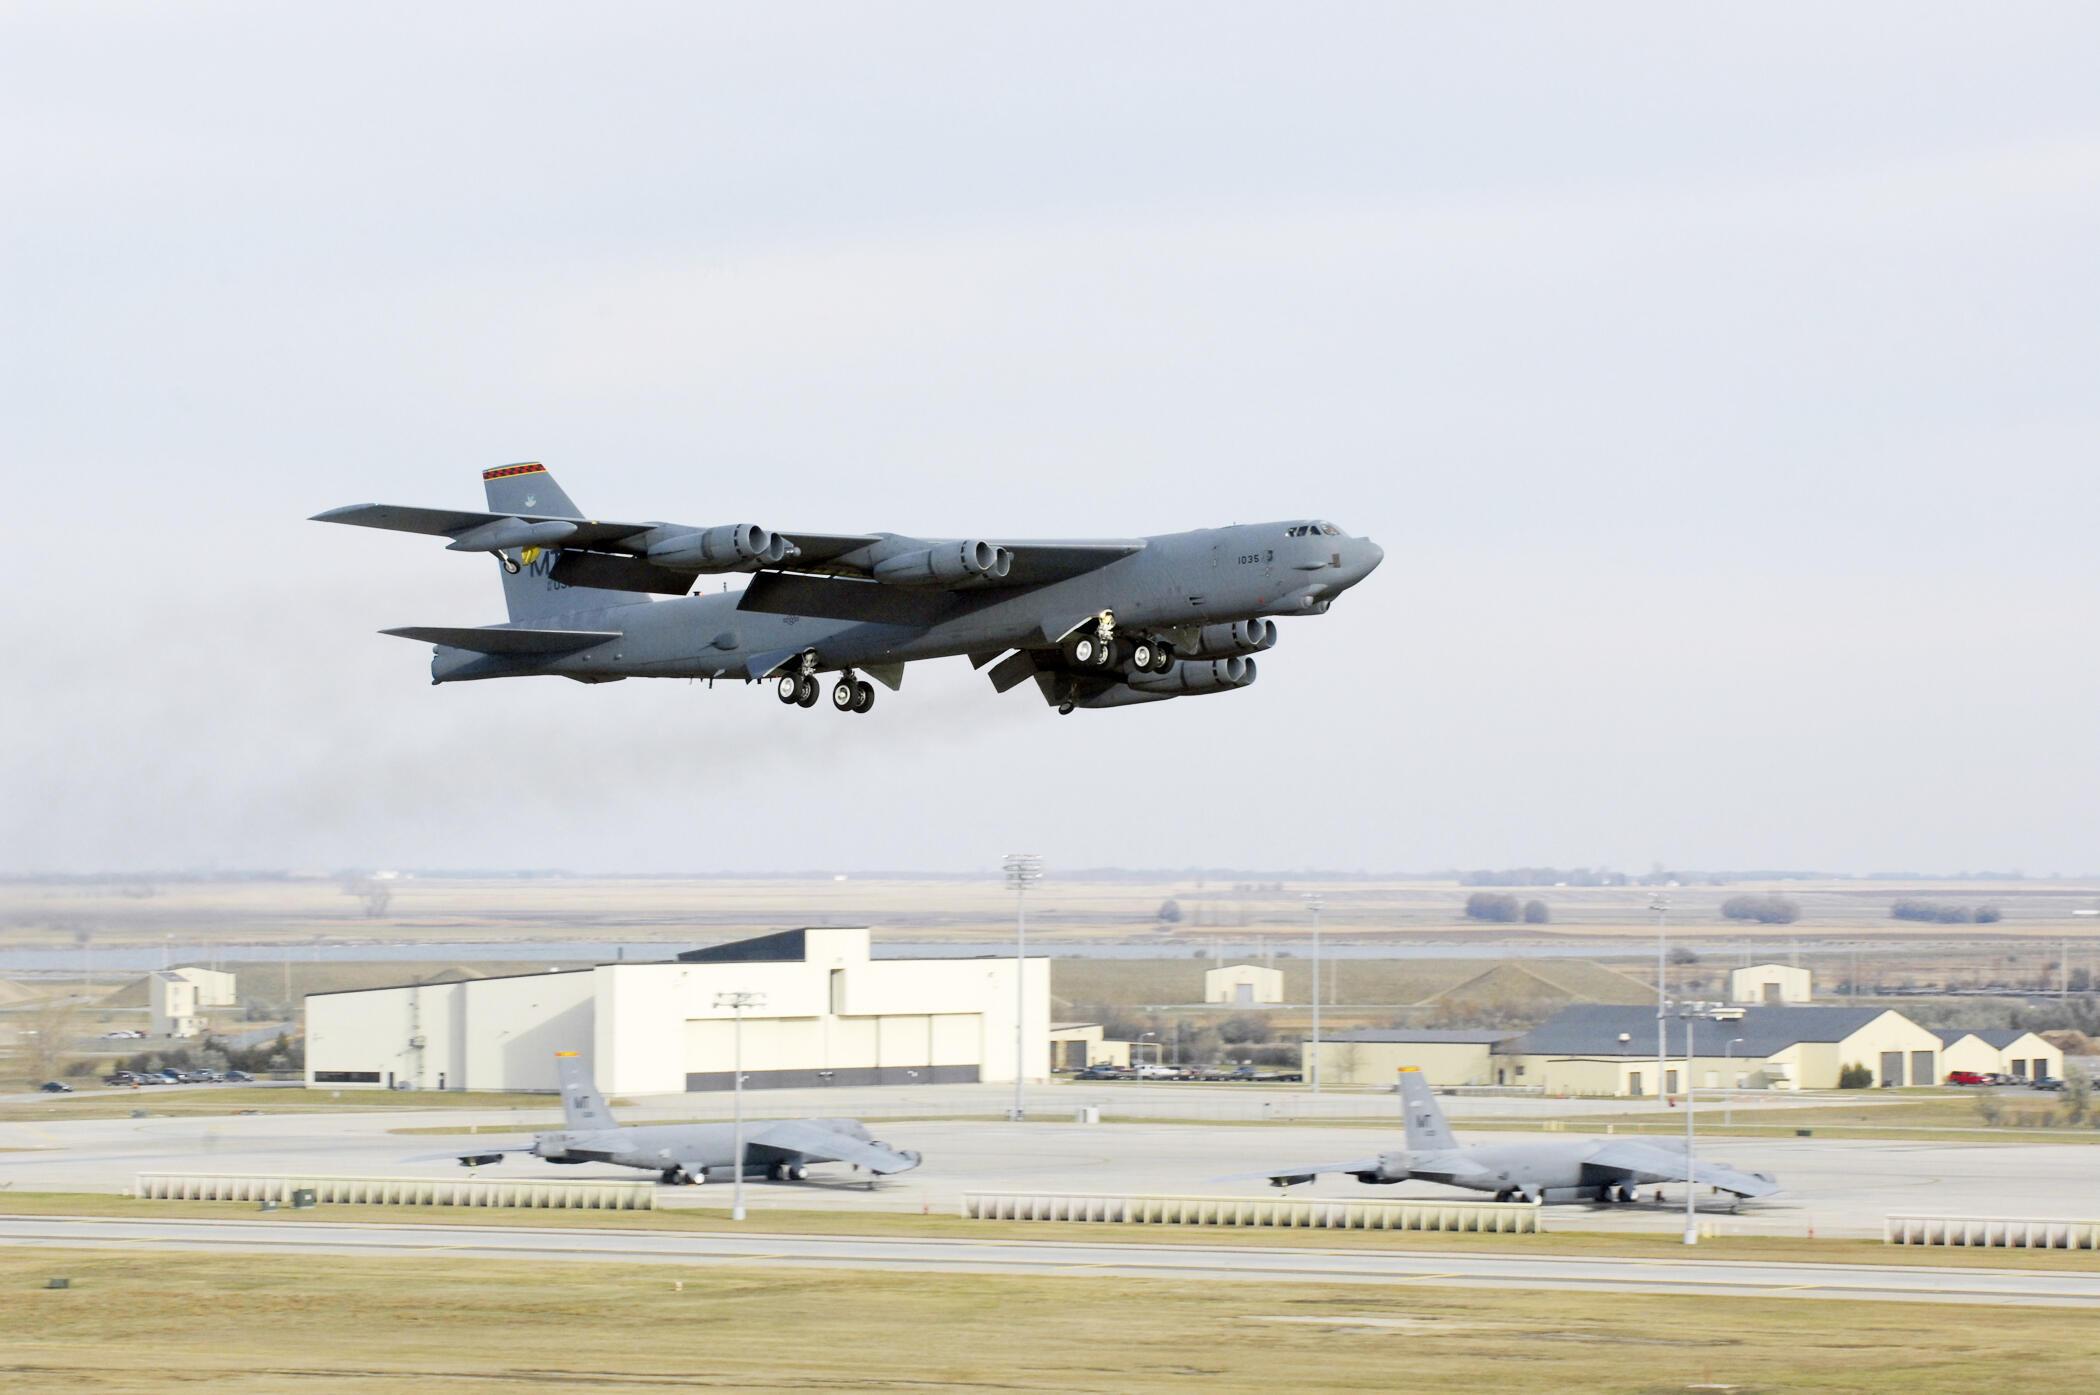 Máy bay B-52 của Mỹ đã hai lần bay vào phạm vi 12 hải lý quanh các đảo nhân tạo do Trung Quốc xây dựng ở Trường Sa